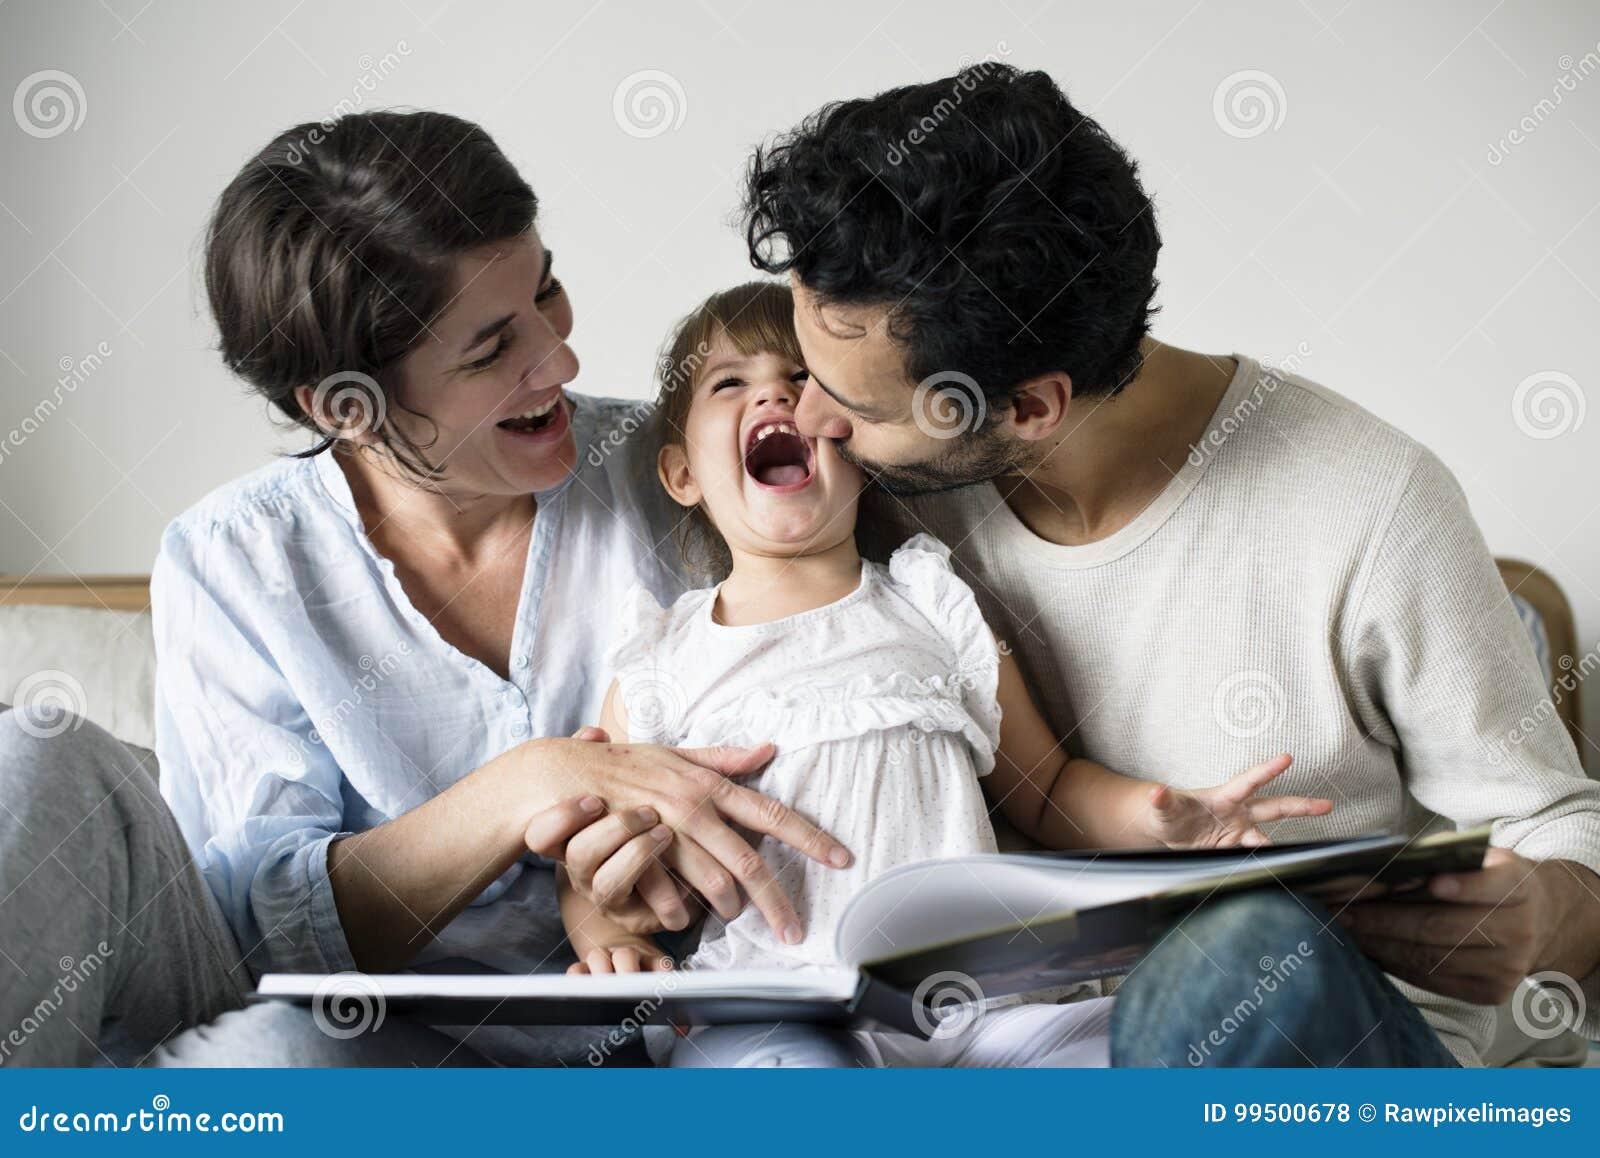 Contes de fées de lecture de famille caucasienne ils fille avec bonheur